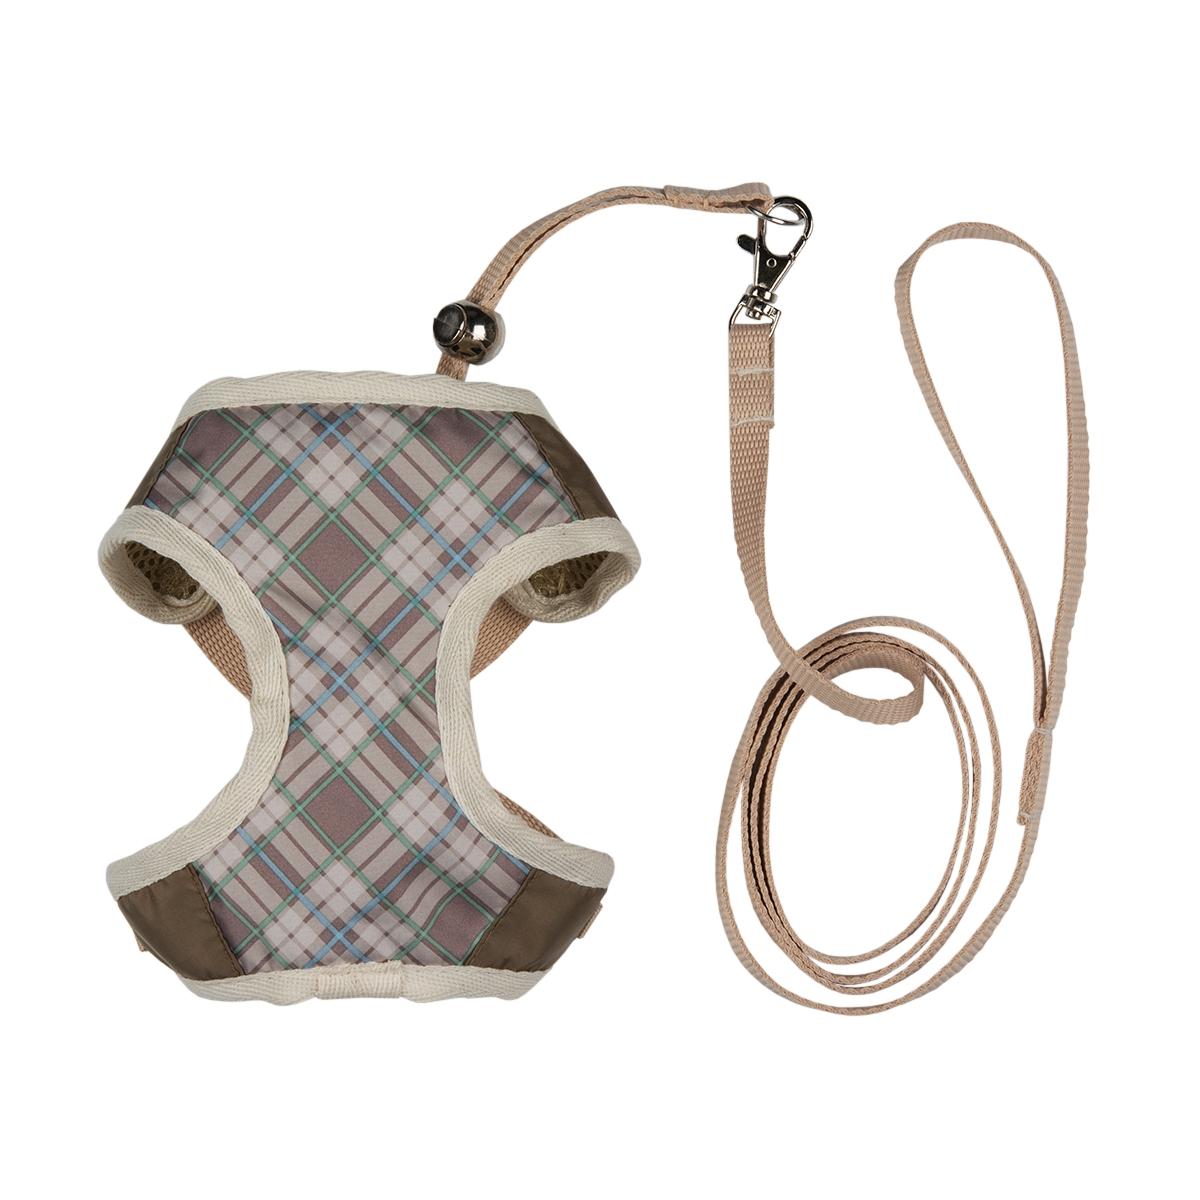 Шлейка для собак Dogmoda Ватсон, с поводком, цвет: бежевый, светло-коричневый. Размер 3 (L)DM-130064-3_бежевыйШлейка Dogmoda Ватсон - это идеальная шлейка для маленьких собак, которая позволит вам контролировать поведение питомца во время прогулки, не стесняя его движений. Изделие выполнено таким образом, чтобы ткань нигде не давила животному, не натирала и не приносила болезненных ощущений. Шлейка выполнена из водоотталкивающего полиэстера. Она приятна на ощупь, легко стирается, не линяя и не теряя изначальную форму. Шлейка - это альтернатива ошейнику. Правильно подобранная шлейка не стесняет движения питомца, не натирает кожу, поэтому животное чувствует себя в ней уверенно и комфортно. Длина спины: 28 см. Обхват груди: 45 см. Обхват шеи: 29 см.